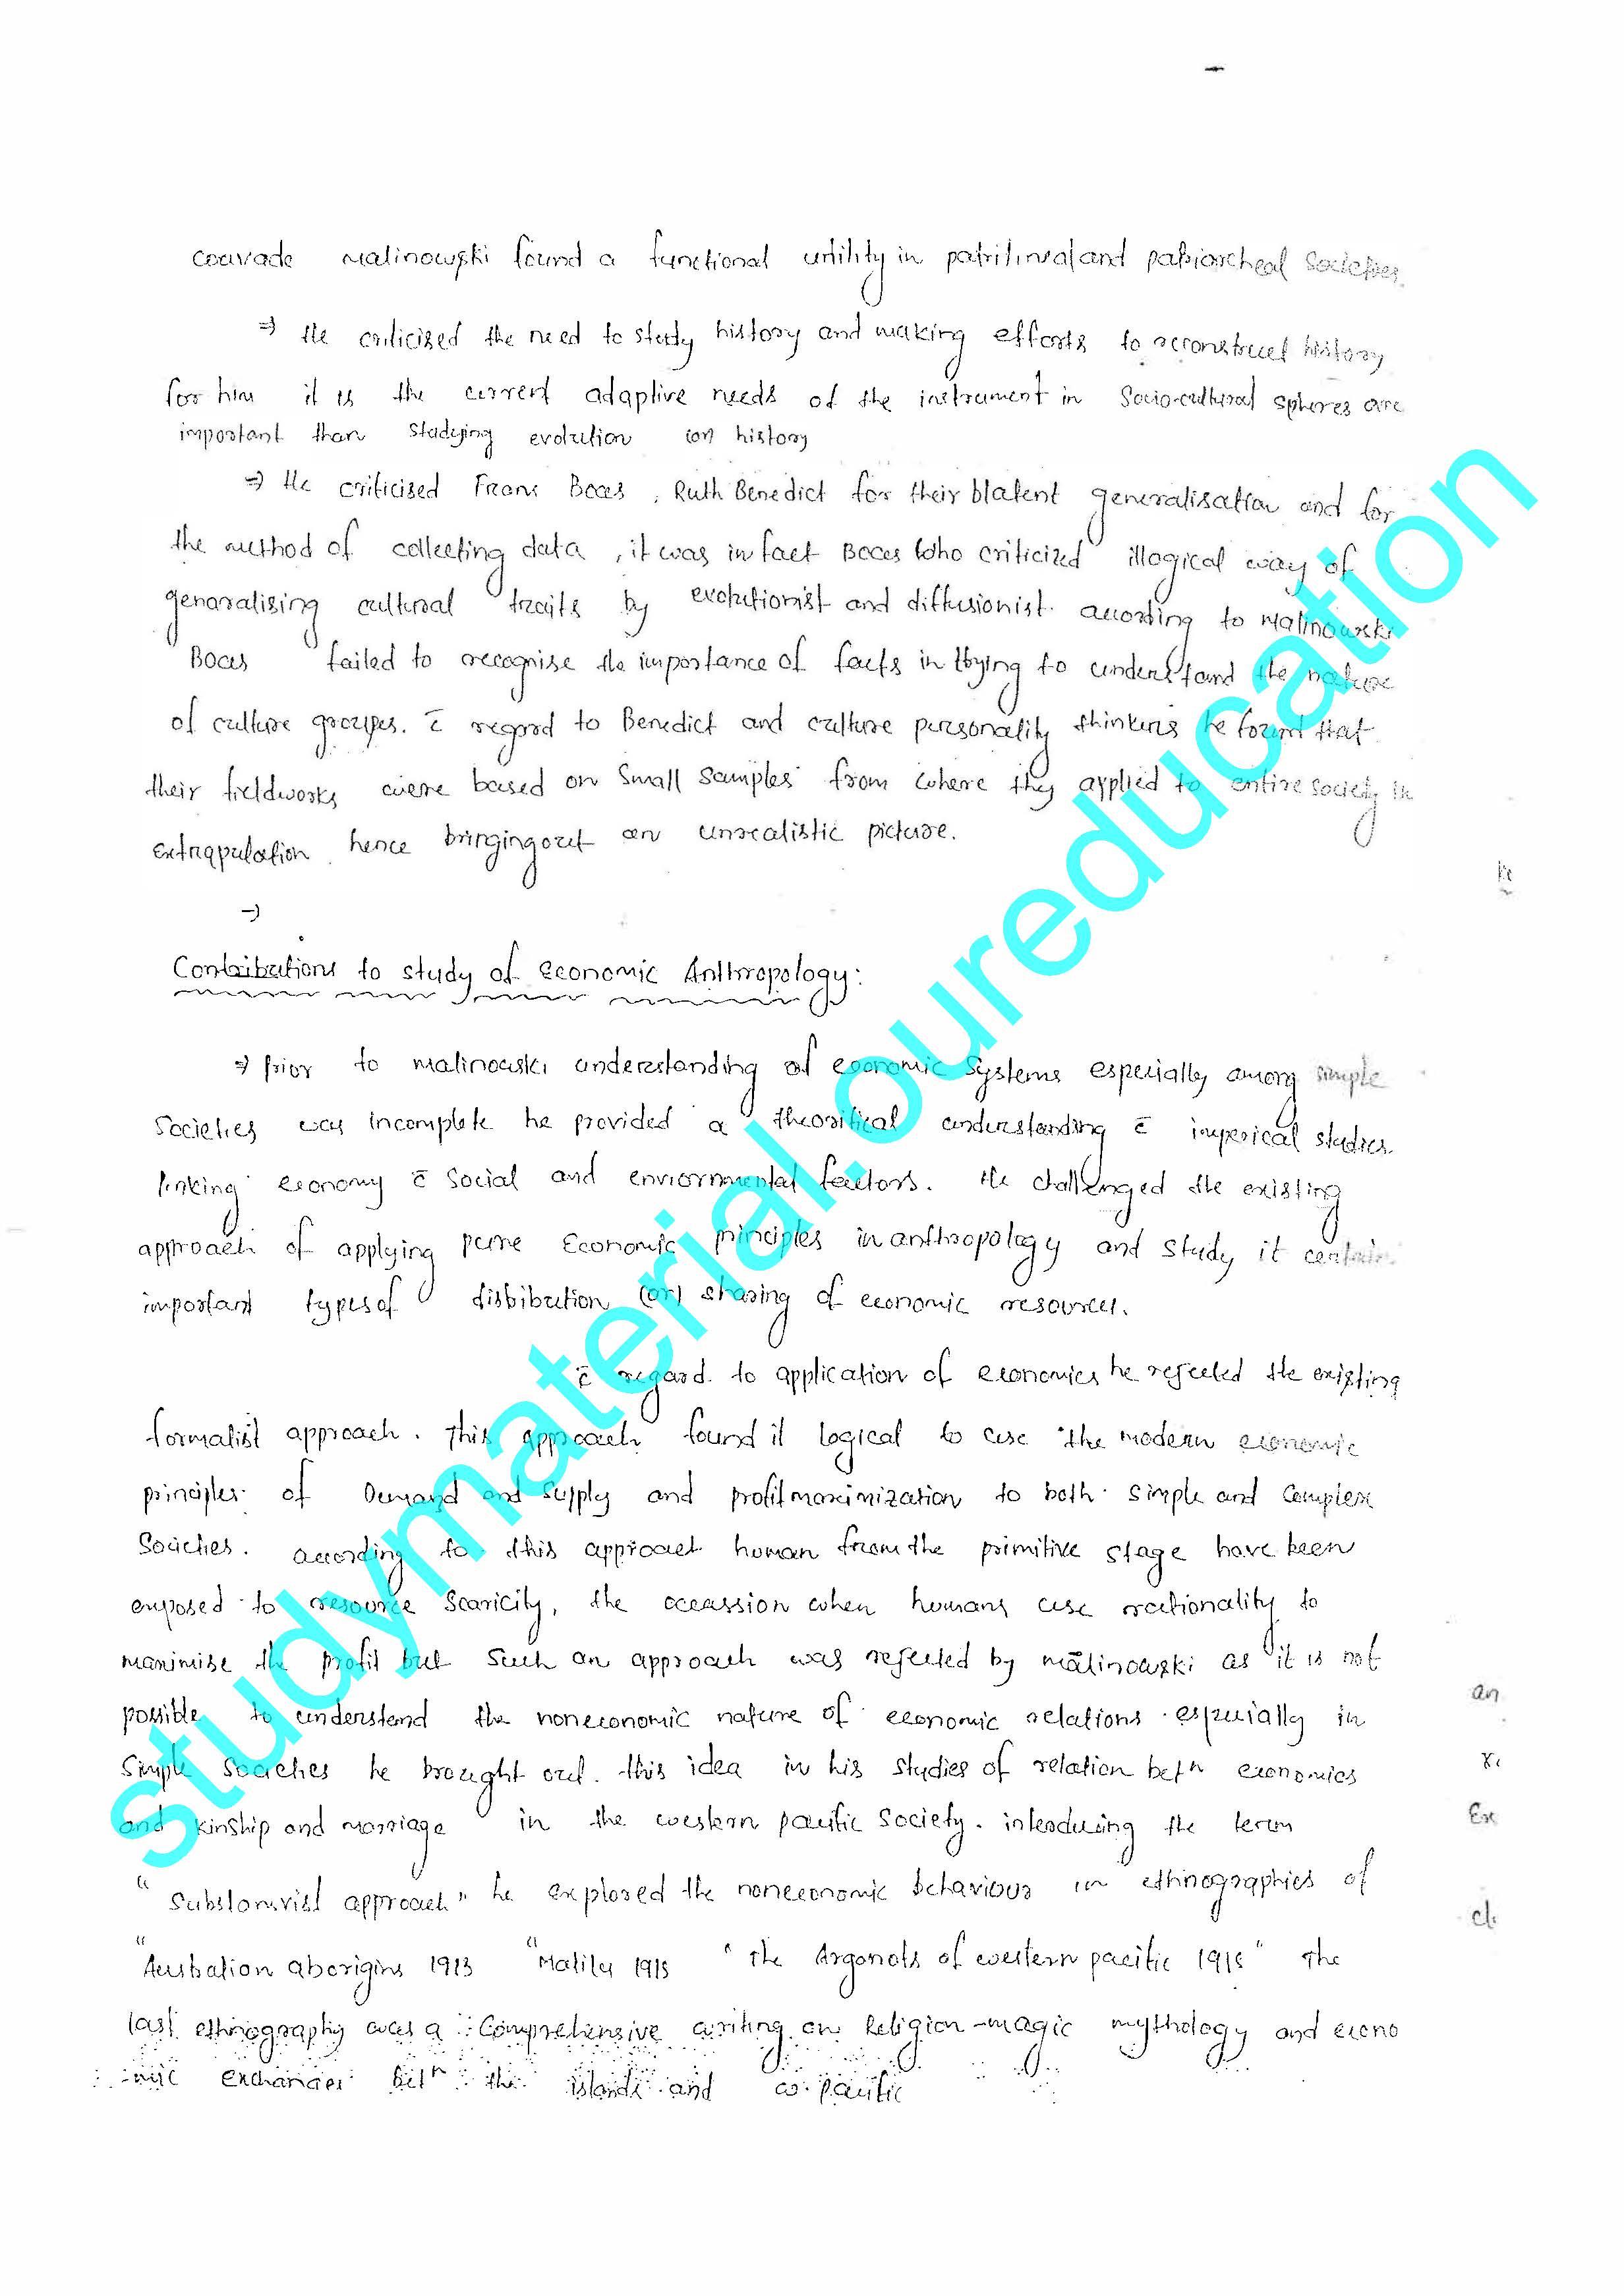 anthropology in hindi medium Hindi medium ias materials free download pdf  thank u so so much apke  notes ke liye apke pass mains ke bhi notes hai kya hindi mein agar toh pls uska  bhi.